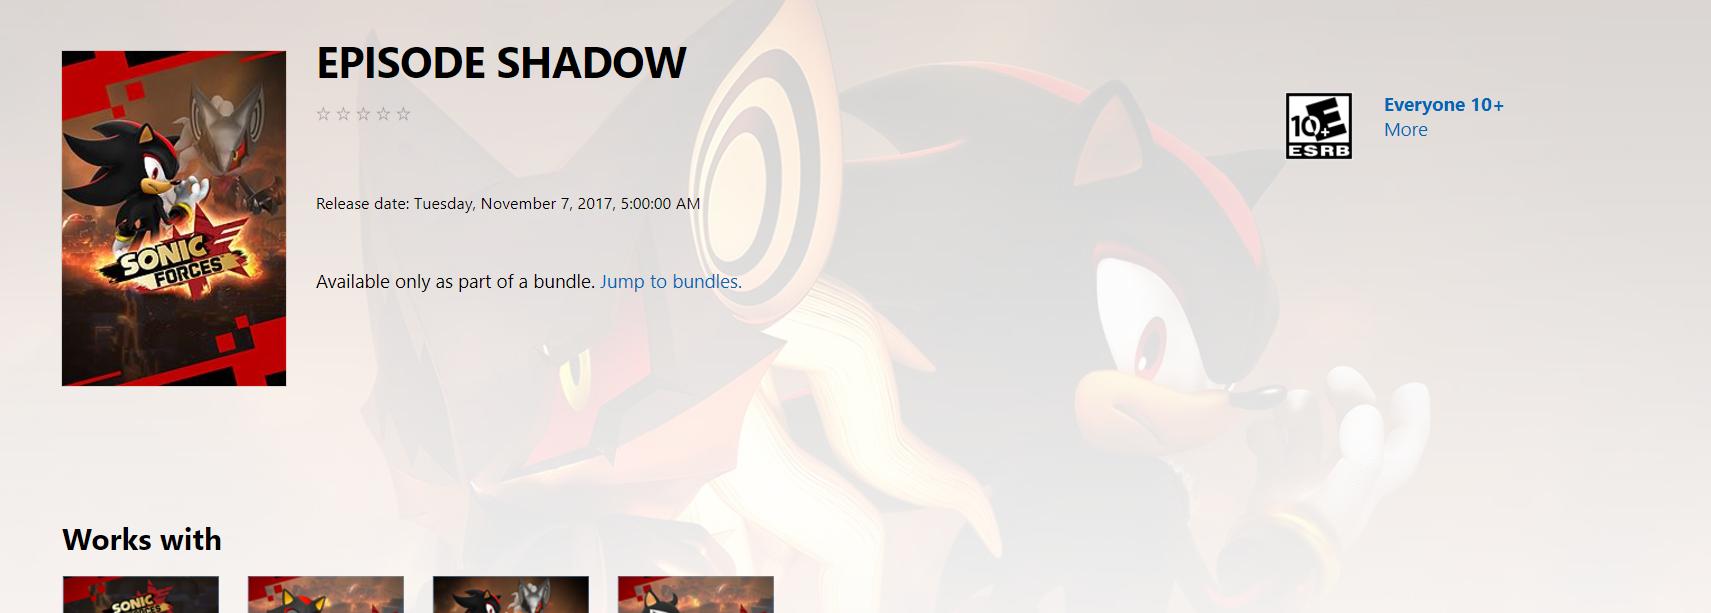 episodeshadow